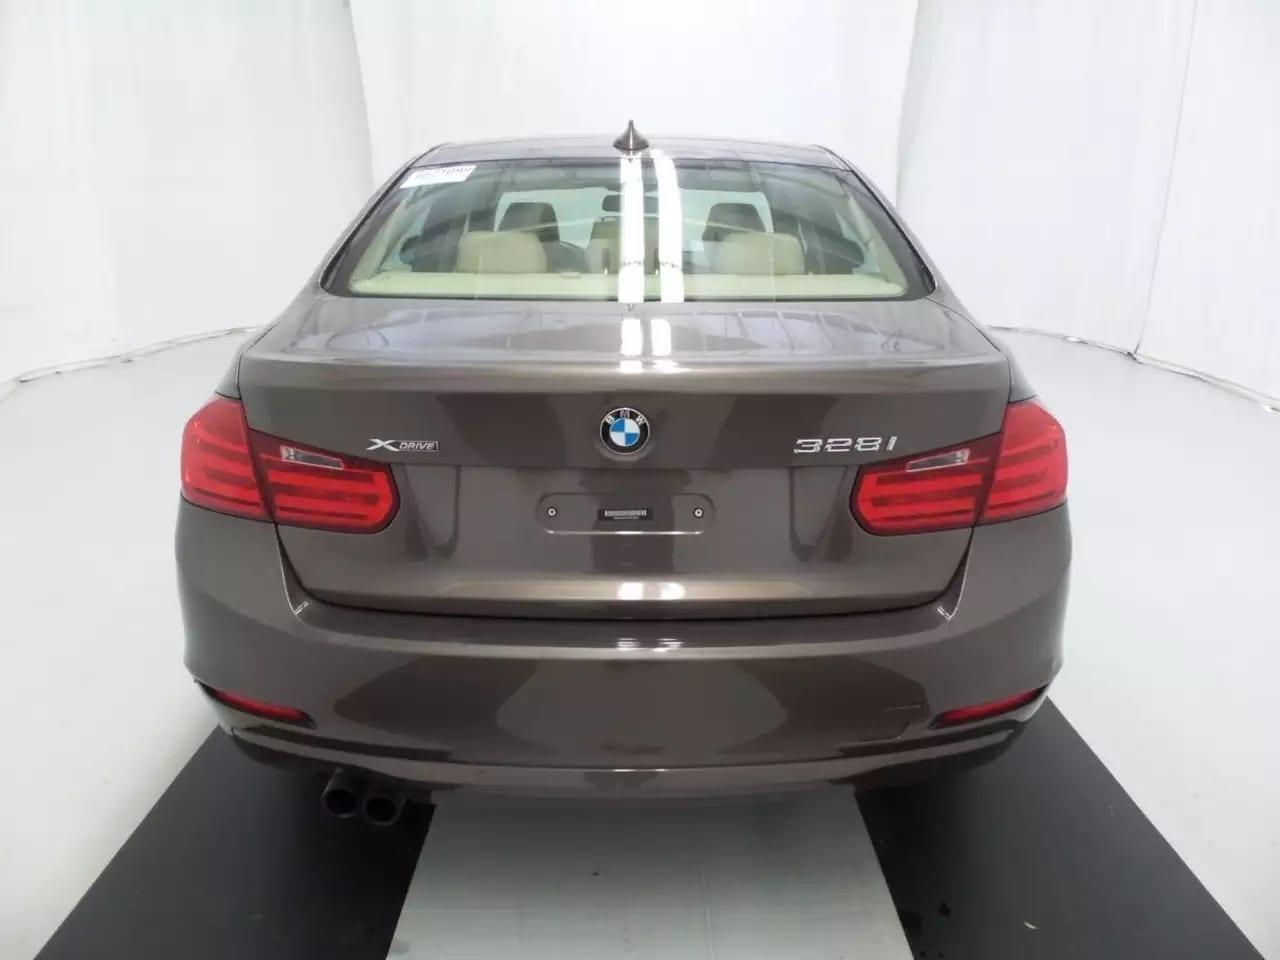 二手车估计 2013 BMW 328i Xdrive,不仅是四驱,里程:30k